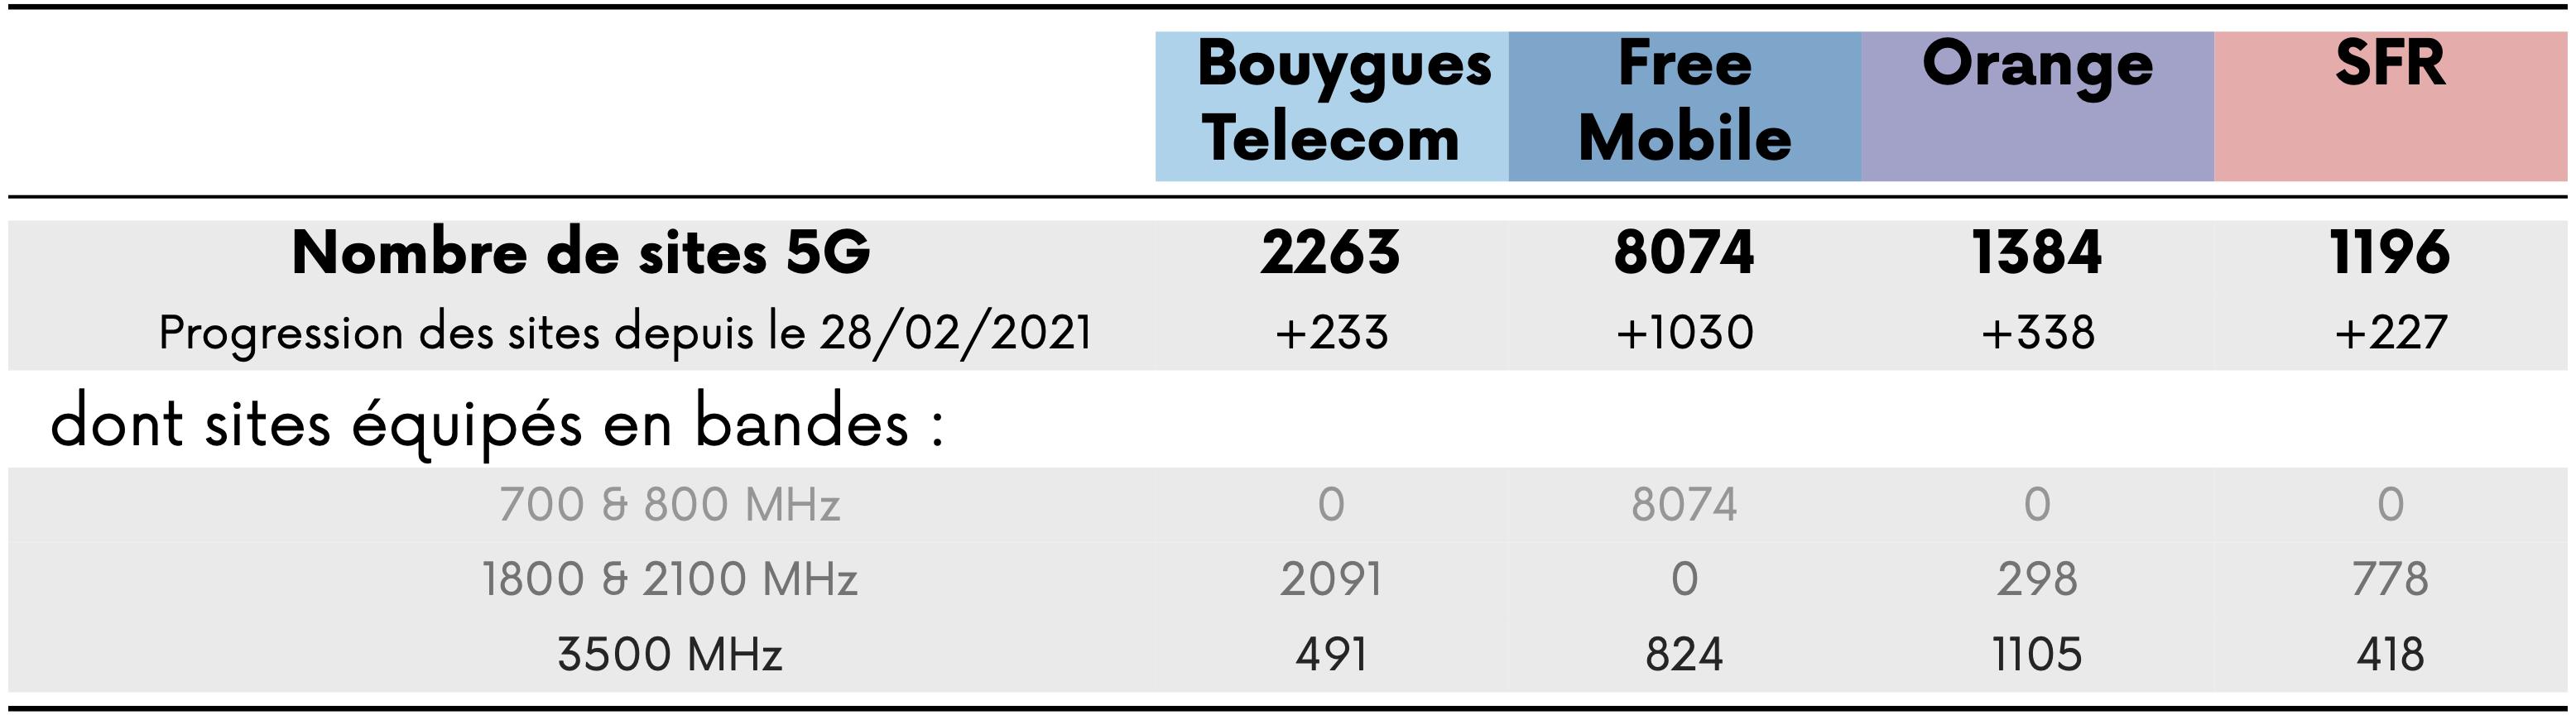 L'Arcep a communiqué le nombre de sites 5G commercialisable.